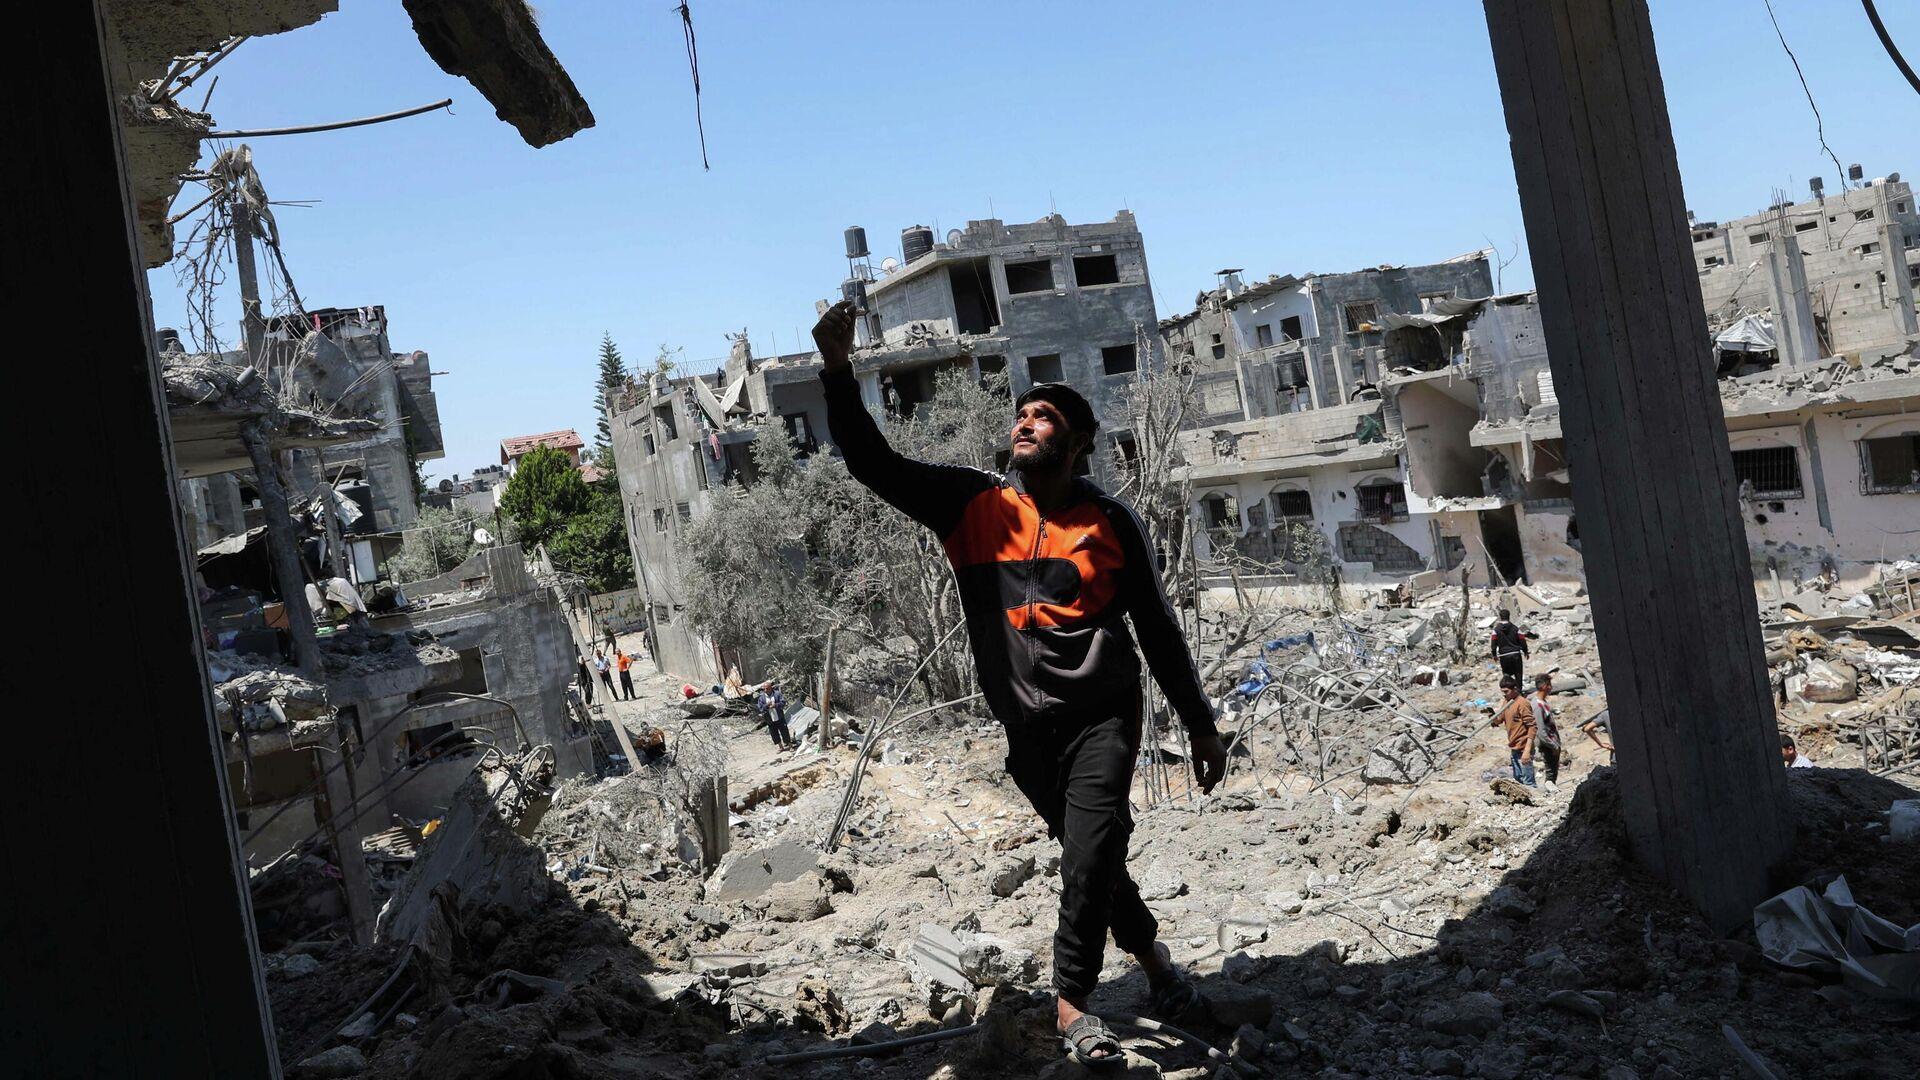 Разрушенные в результате израильских авиационных и артиллерийских ударов дома в северной части сектора Газа - РИА Новости, 1920, 14.05.2021